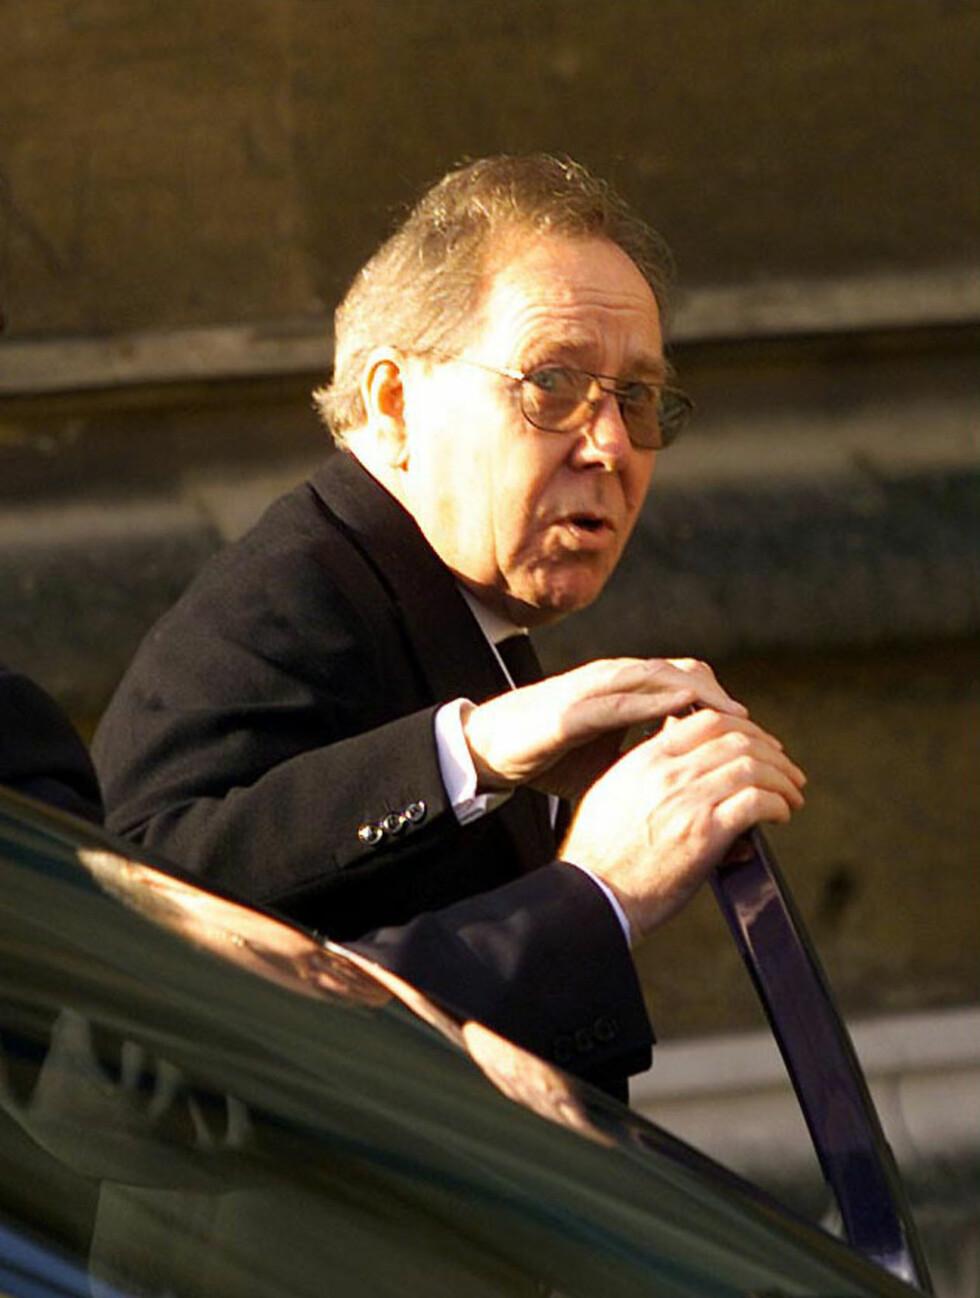 EN SISTE HILSEN: Antony Armstrong-Jones deltok i ekskona prinsesse Margarets begravelse den 15. februar 2002. Foto: NTB Scanpix